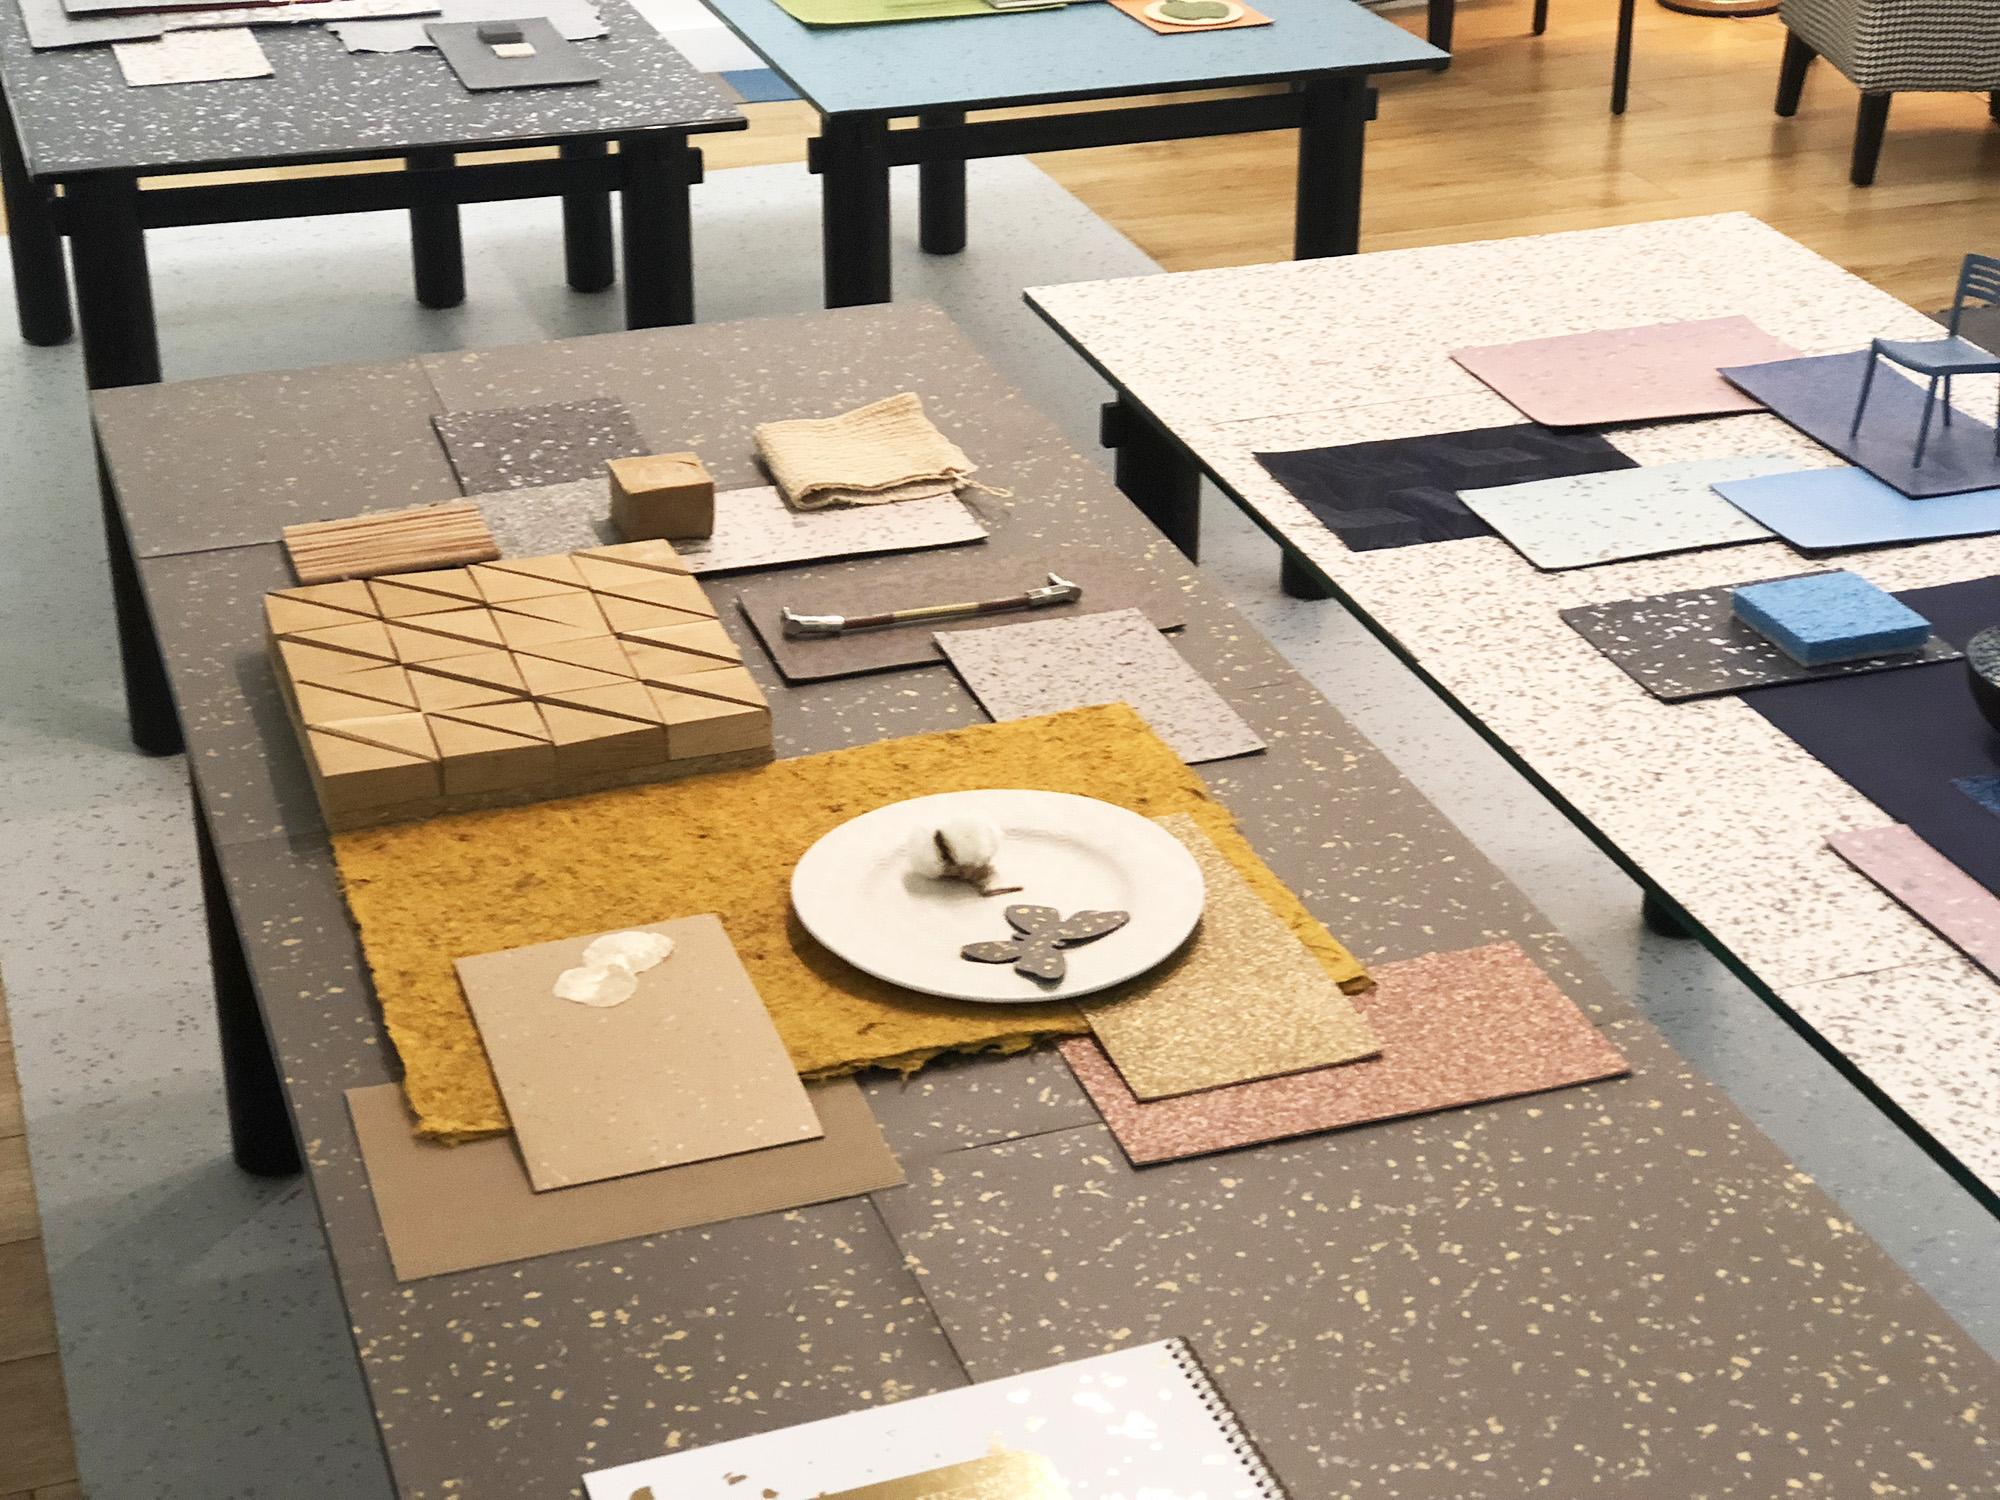 Une table en verre recouverte d'un pêle-même de matériaux dans les tons ocre et doré